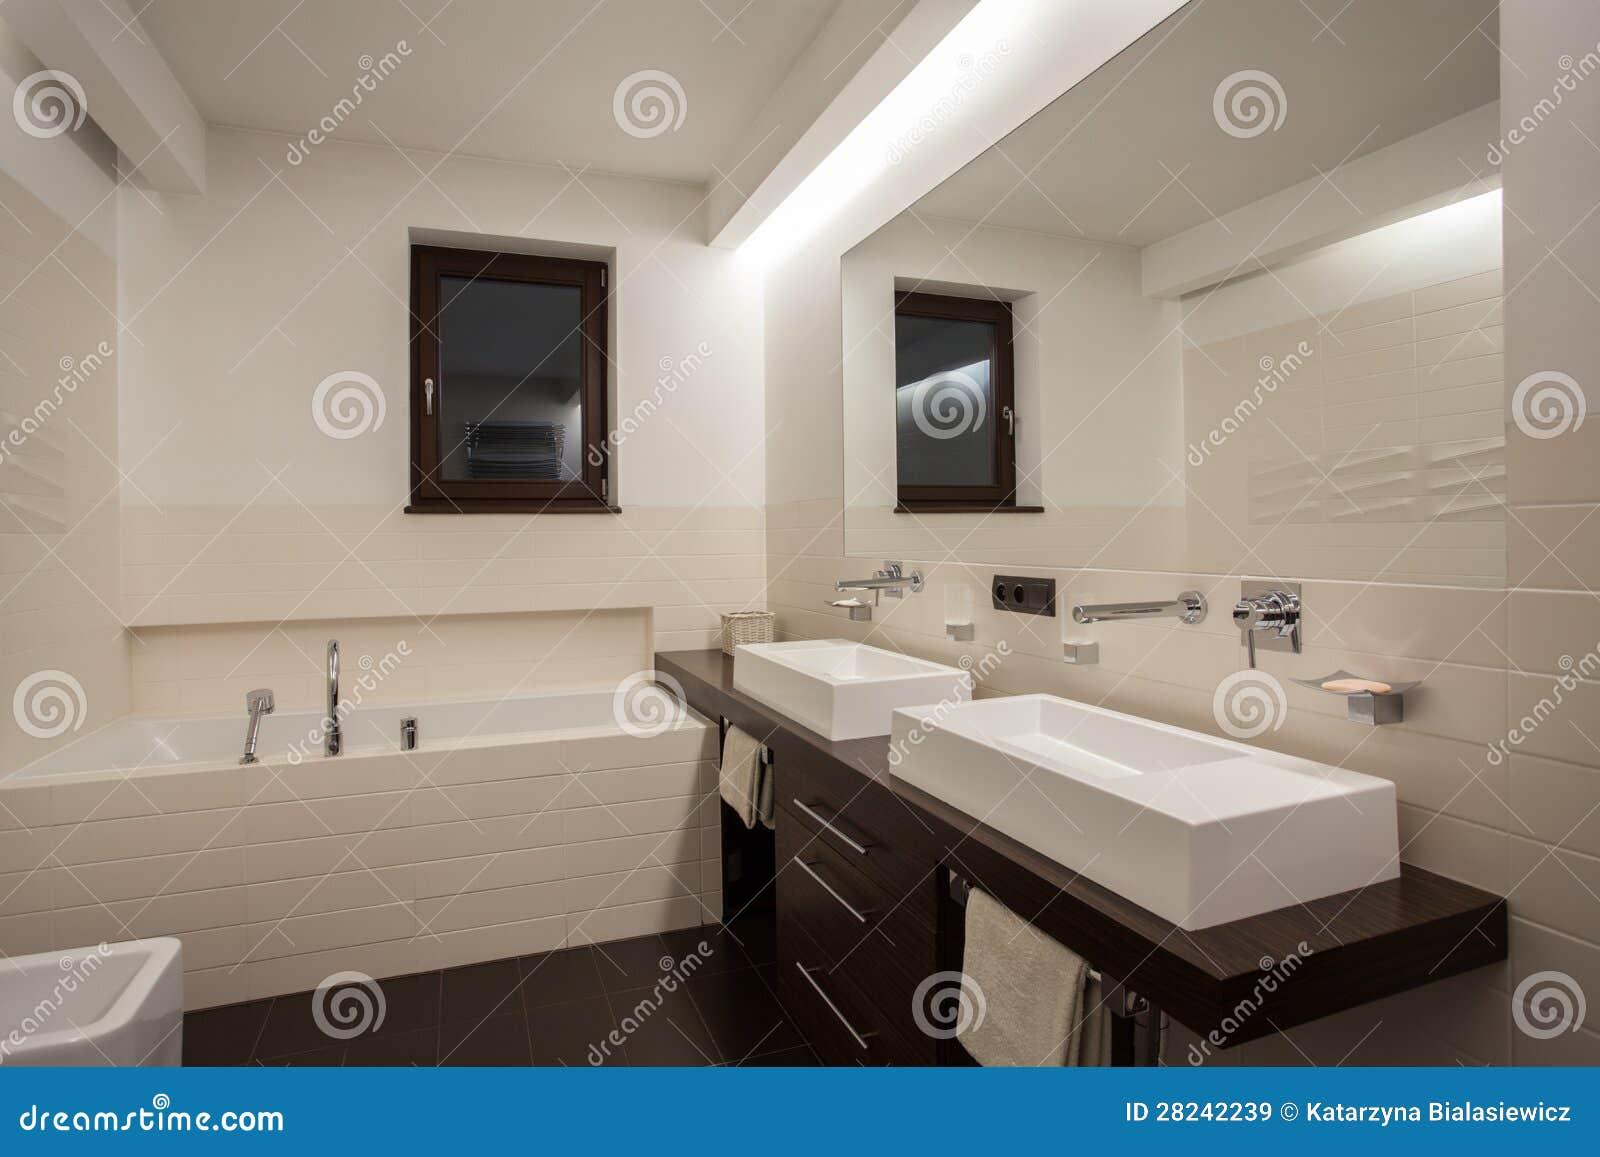 Maison de travertin salle de bains moderne images libres for Des salles de bain modernes